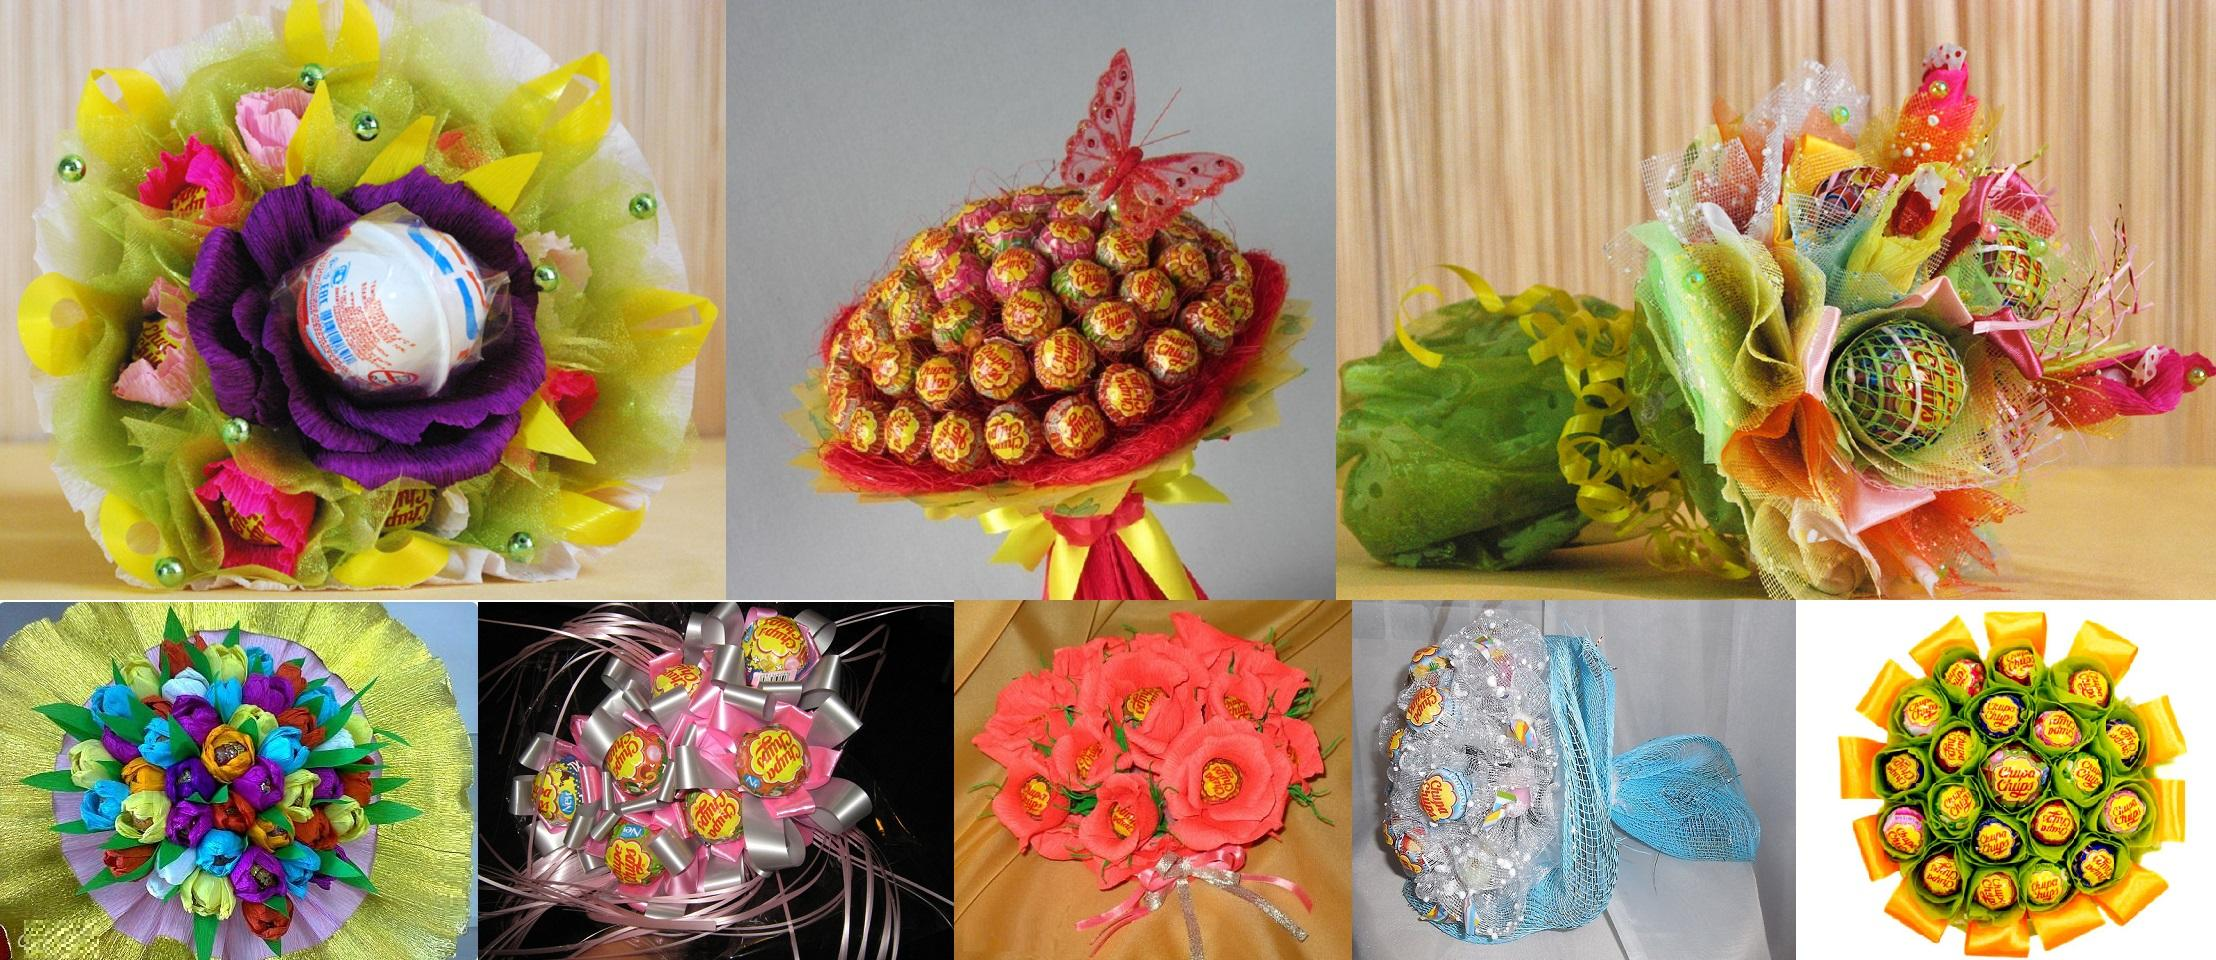 КАК СДЕЛАТЬ БУКЕТ ИЗ КОНФЕТ СВОИМИ РУКАМИ: украшаем праздничный стол | Инструкция по изготовлению букета из конфет своими руками